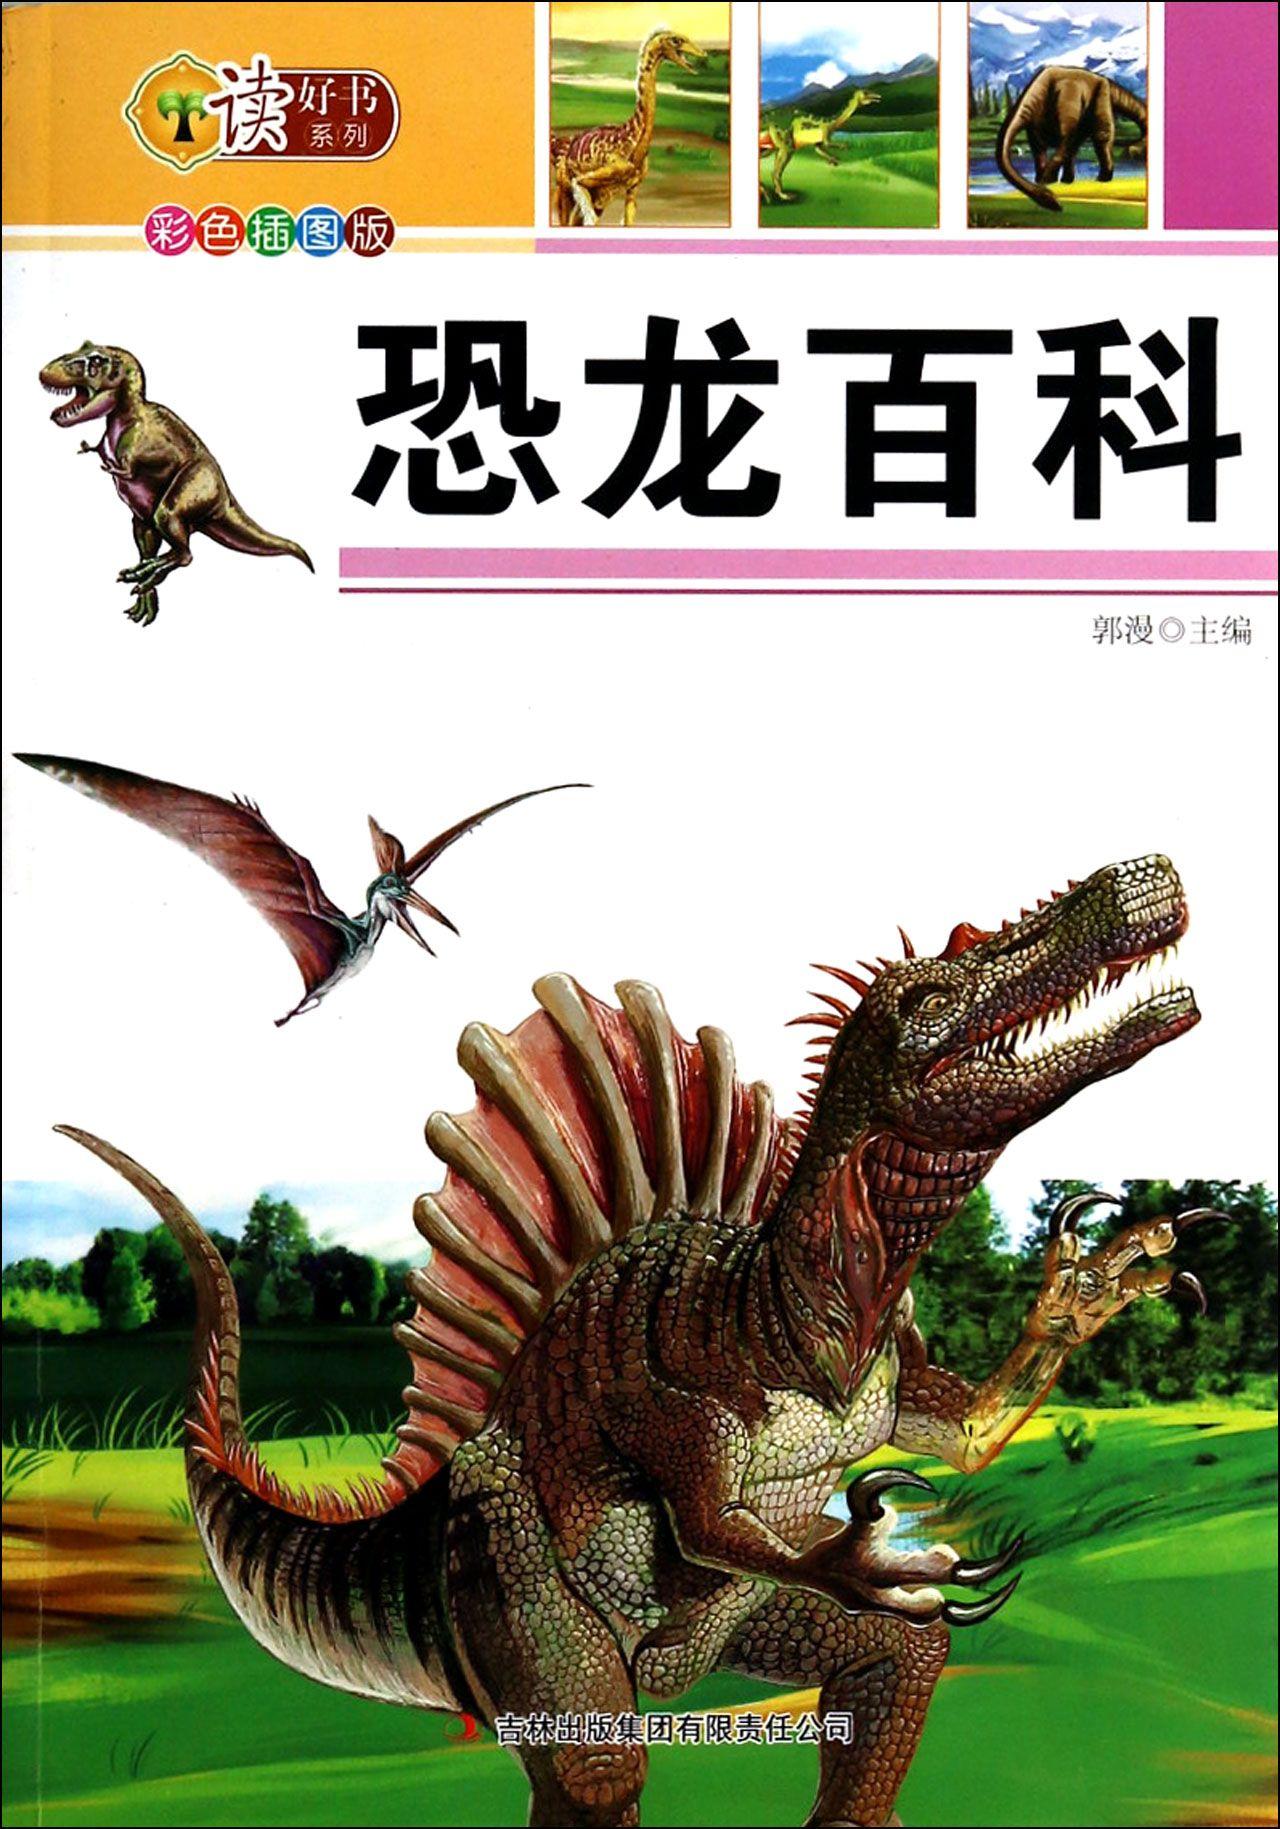 > 恐龙的名字_恐龙的名字大全   恐龙名称 -恐龙是生活在距今大约2亿3